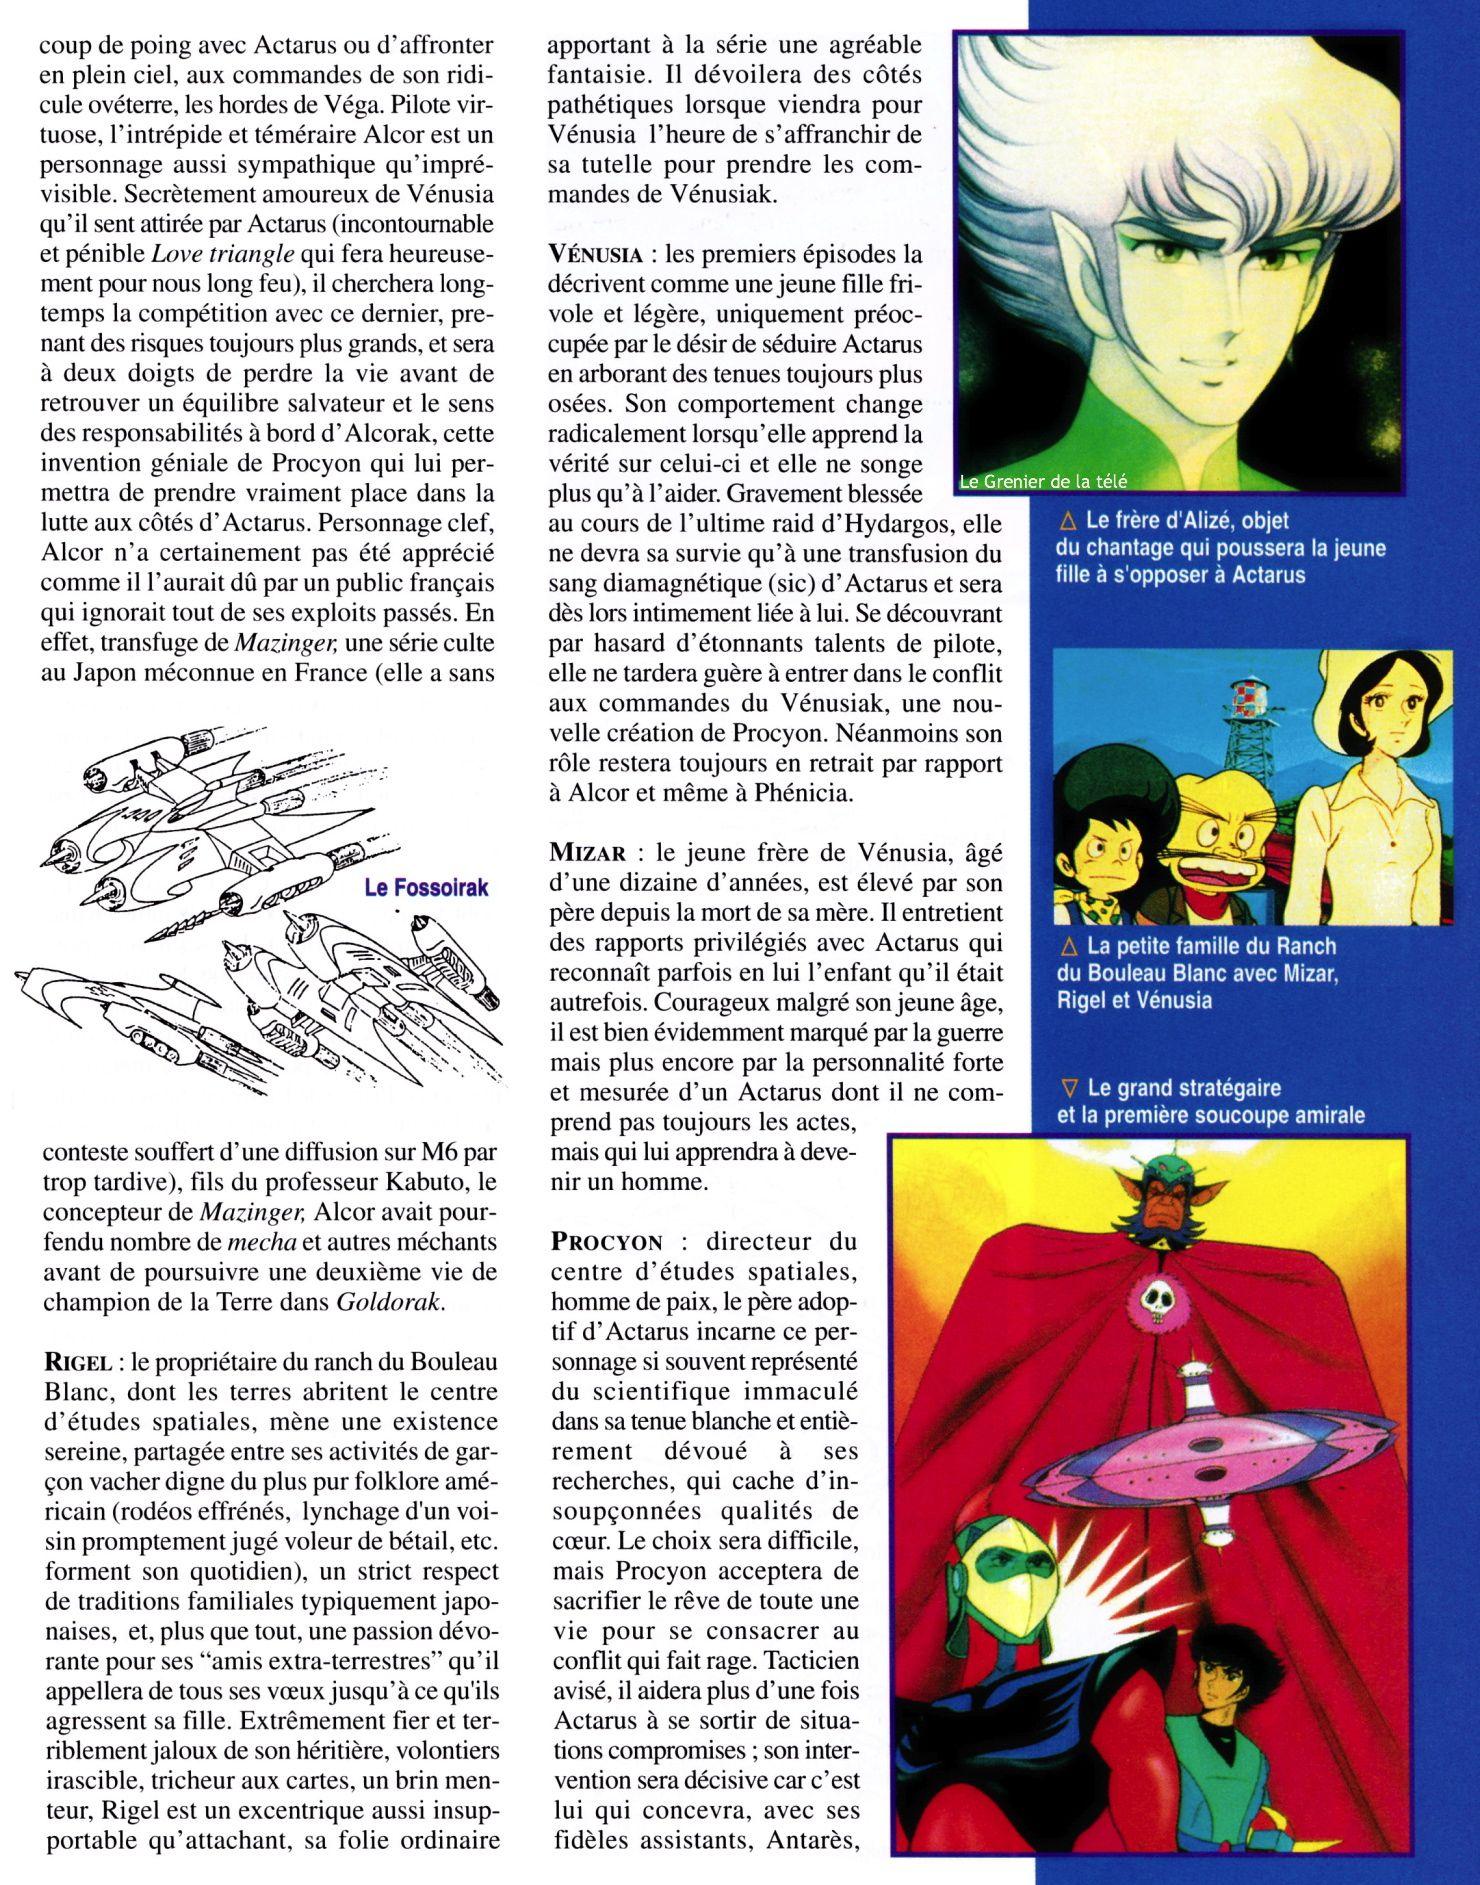 http://grenierdelatv.free.fr/2/goldorakalhs1997j.jpg